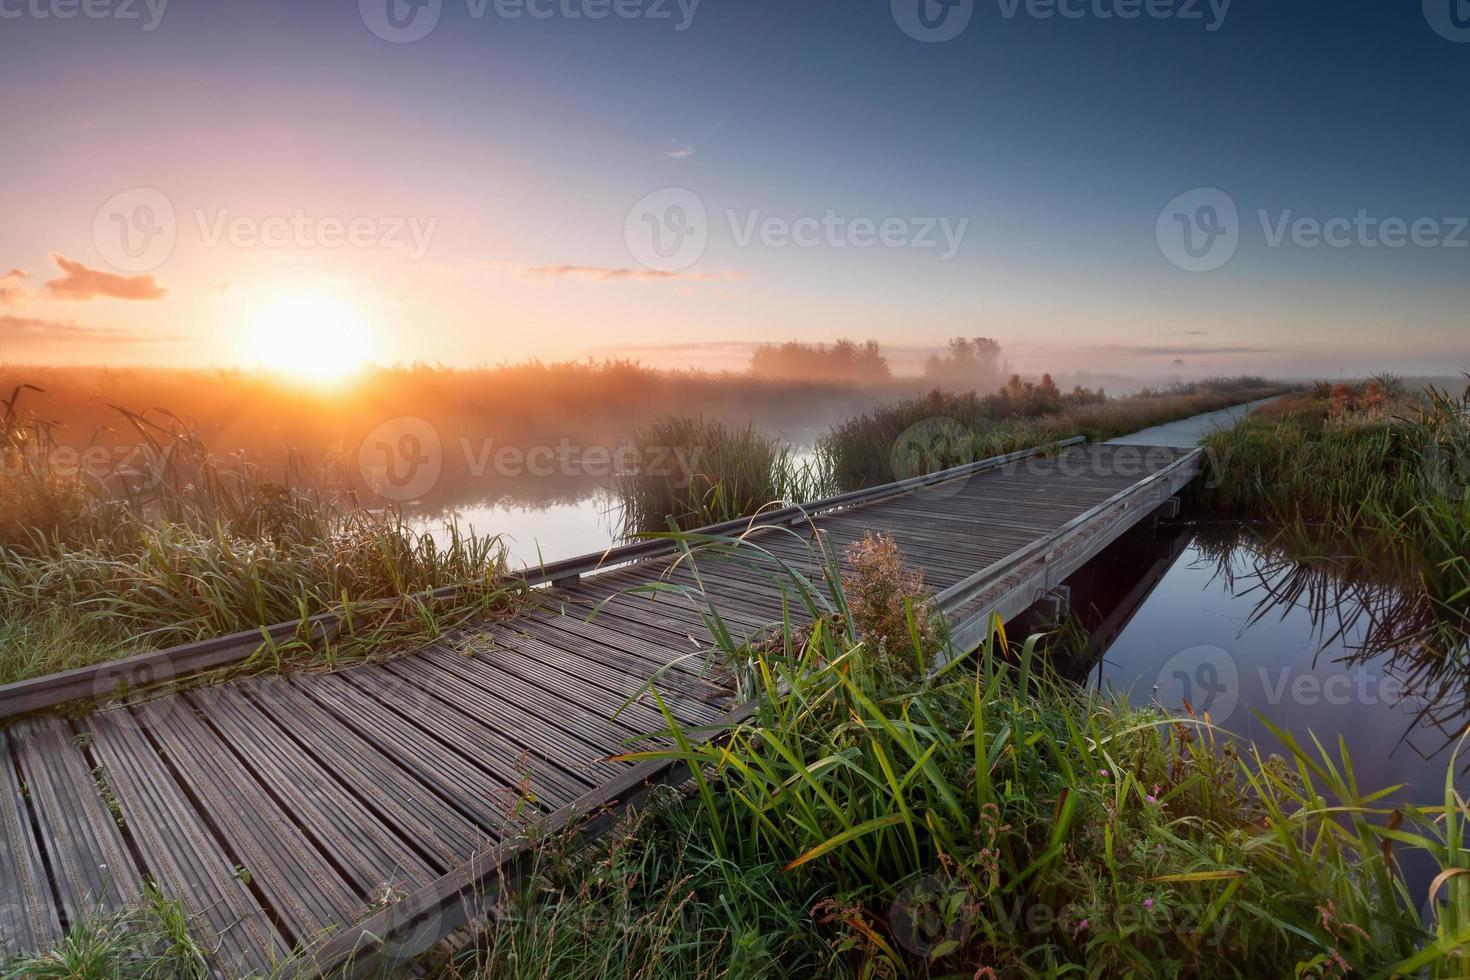 nascer do sol enevoado sobre o caminho de madeira no lago foto